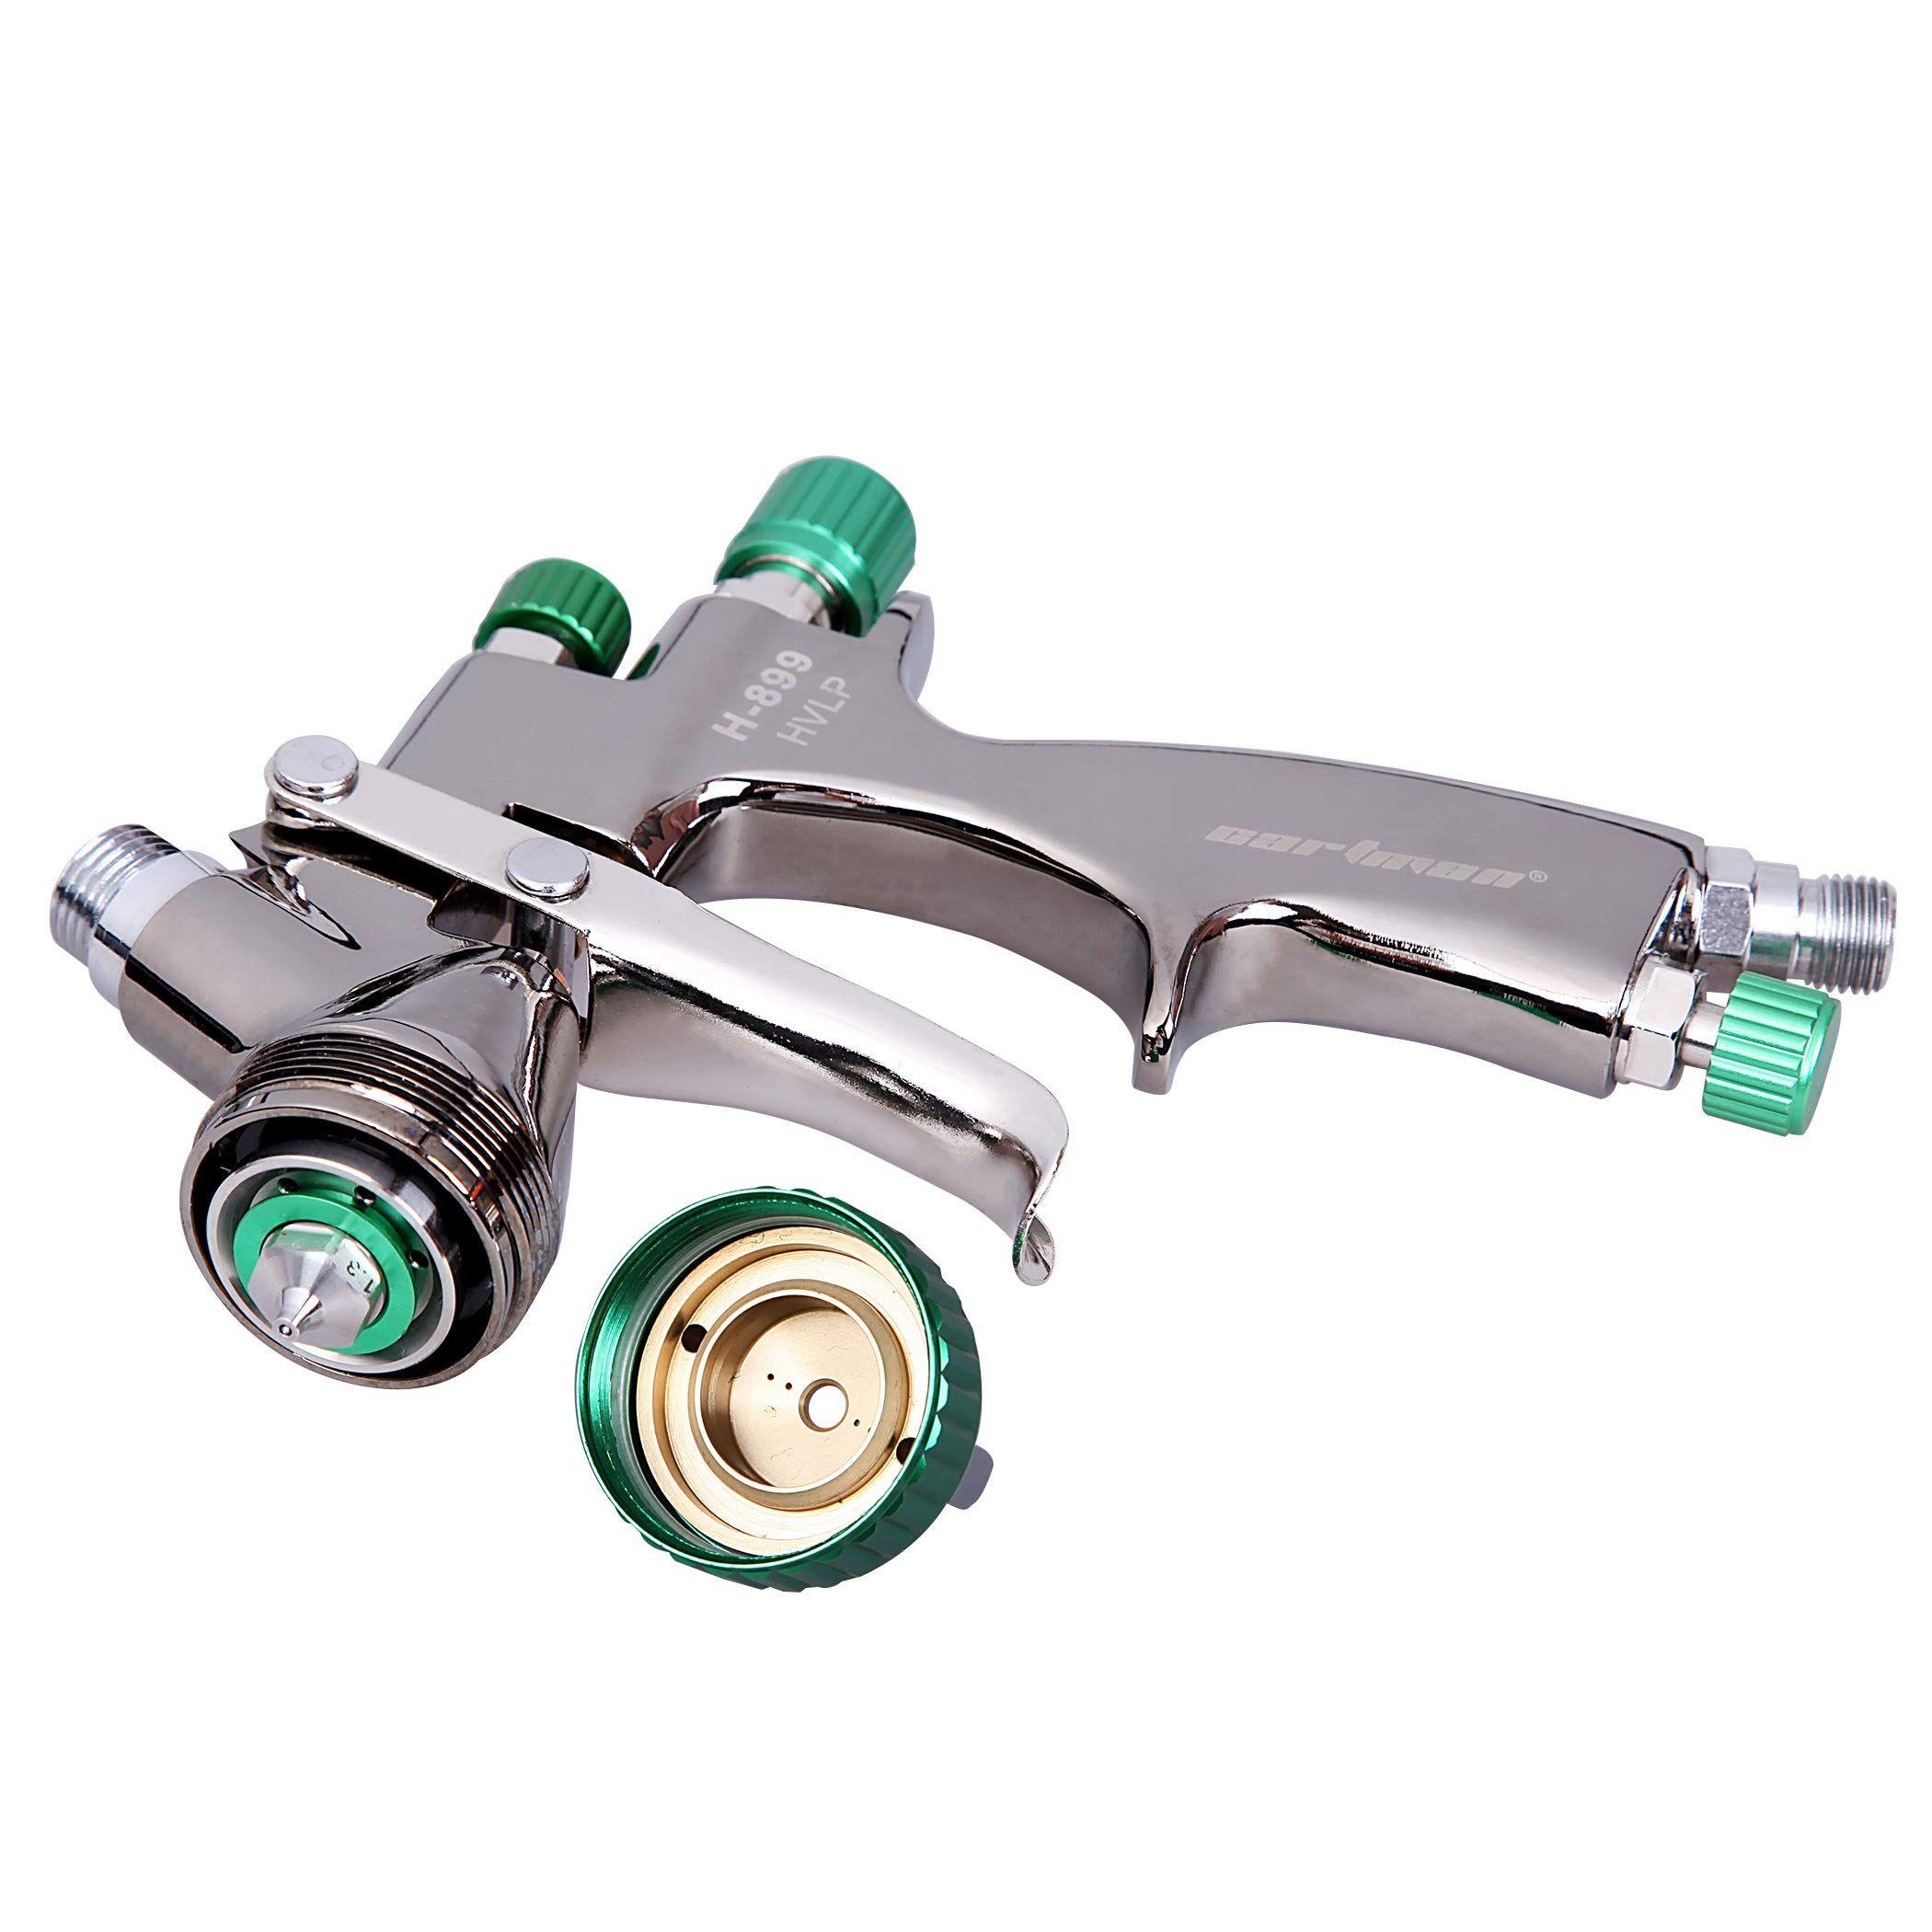 Pin On Body Repair Tools